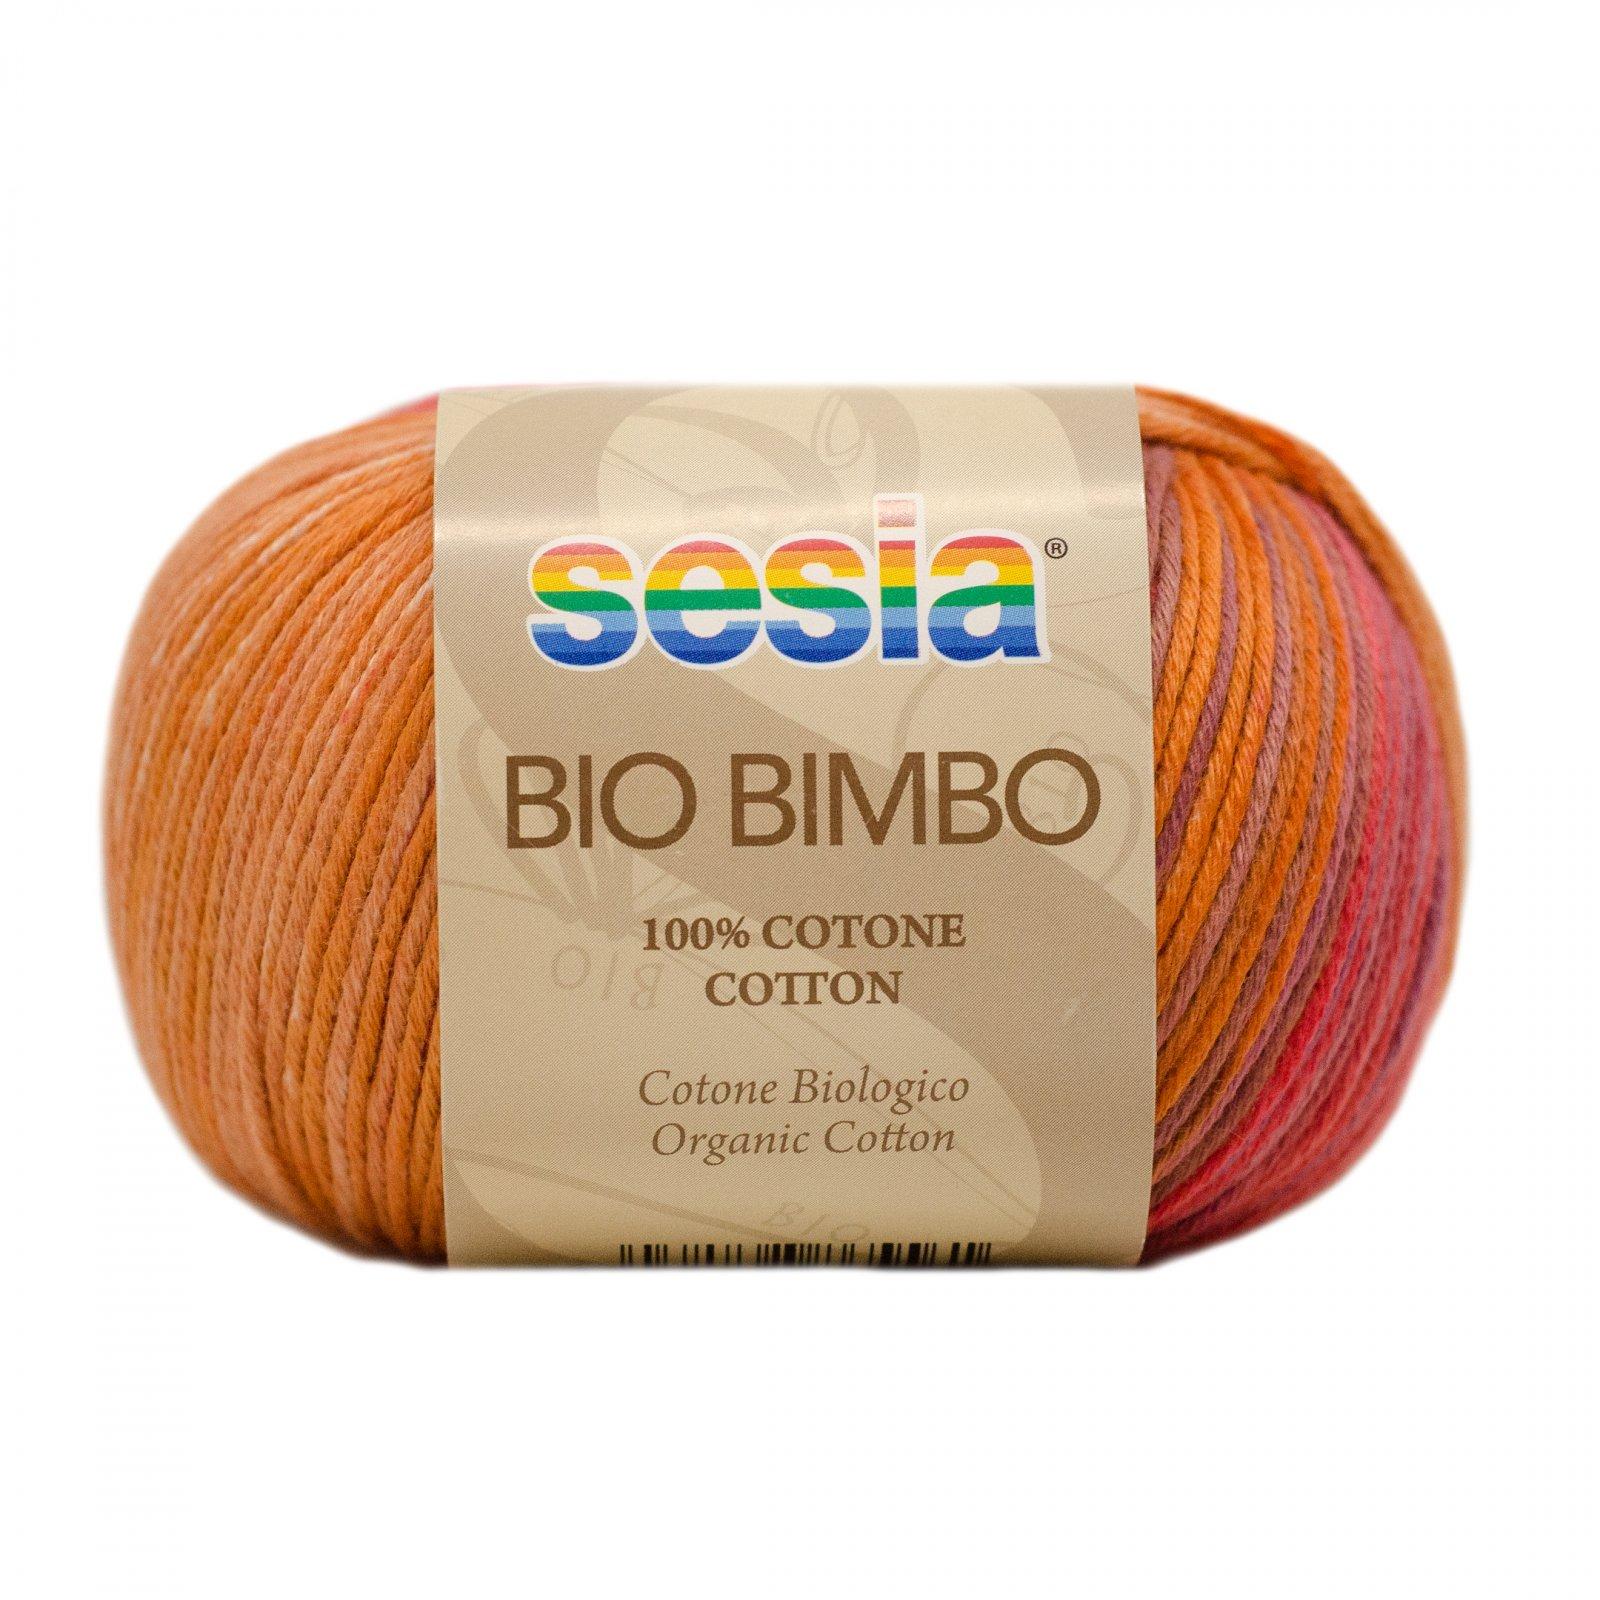 Bio Bimbo (Sesia)